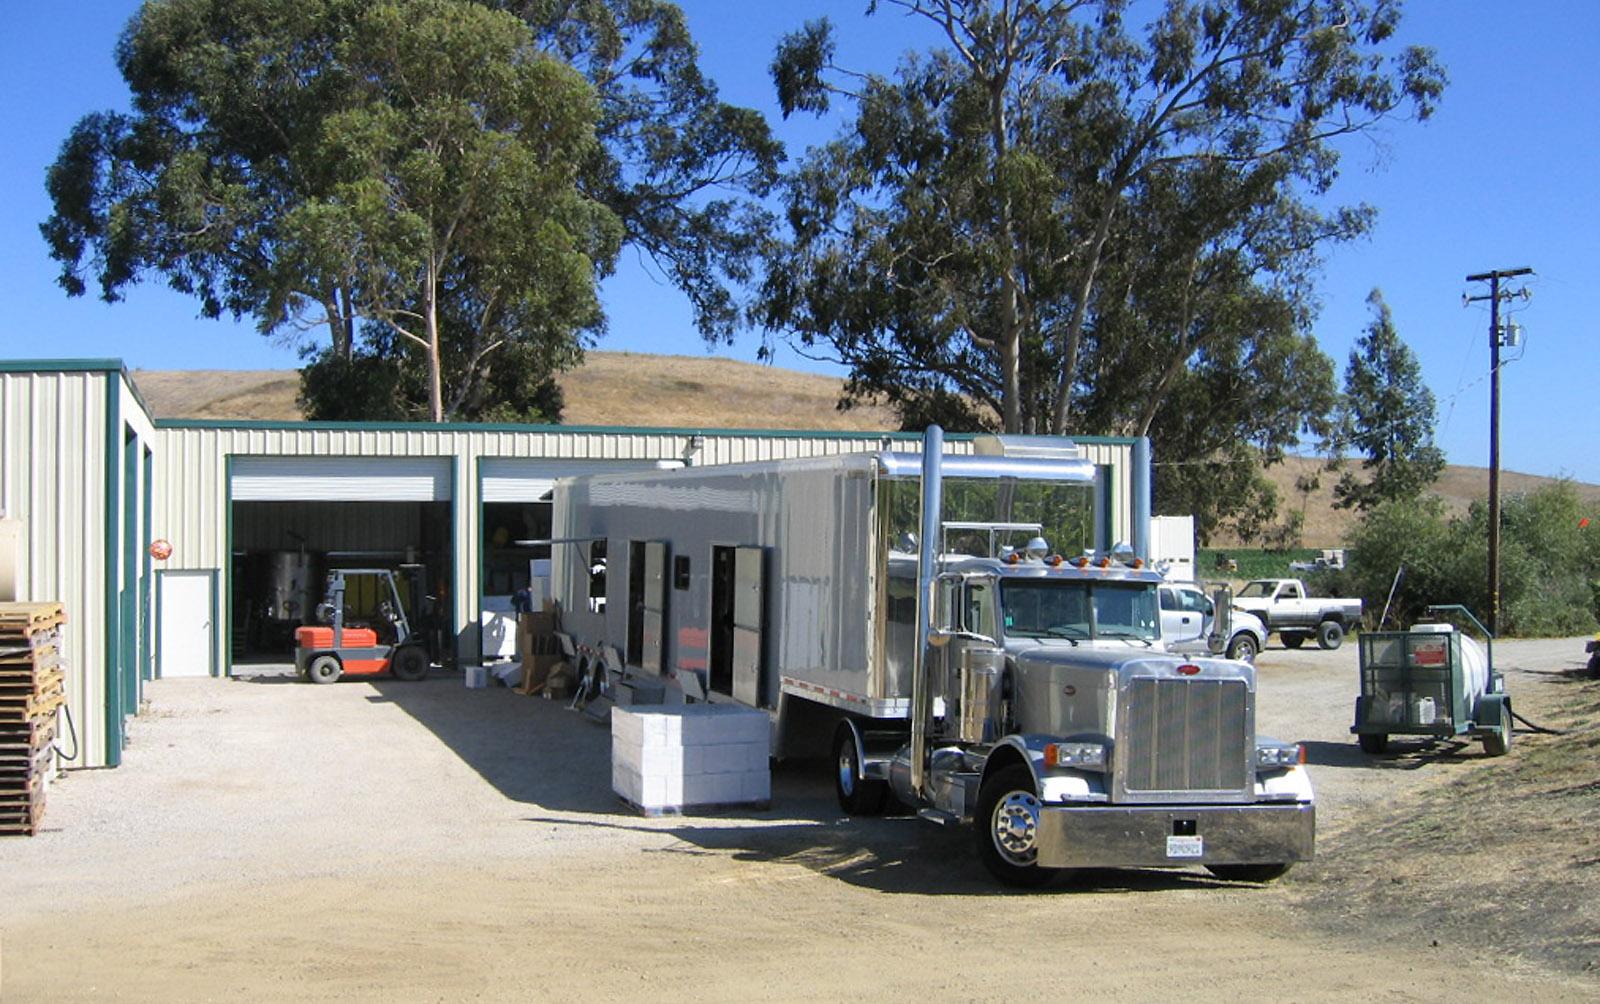 A large mobile bottling line truck